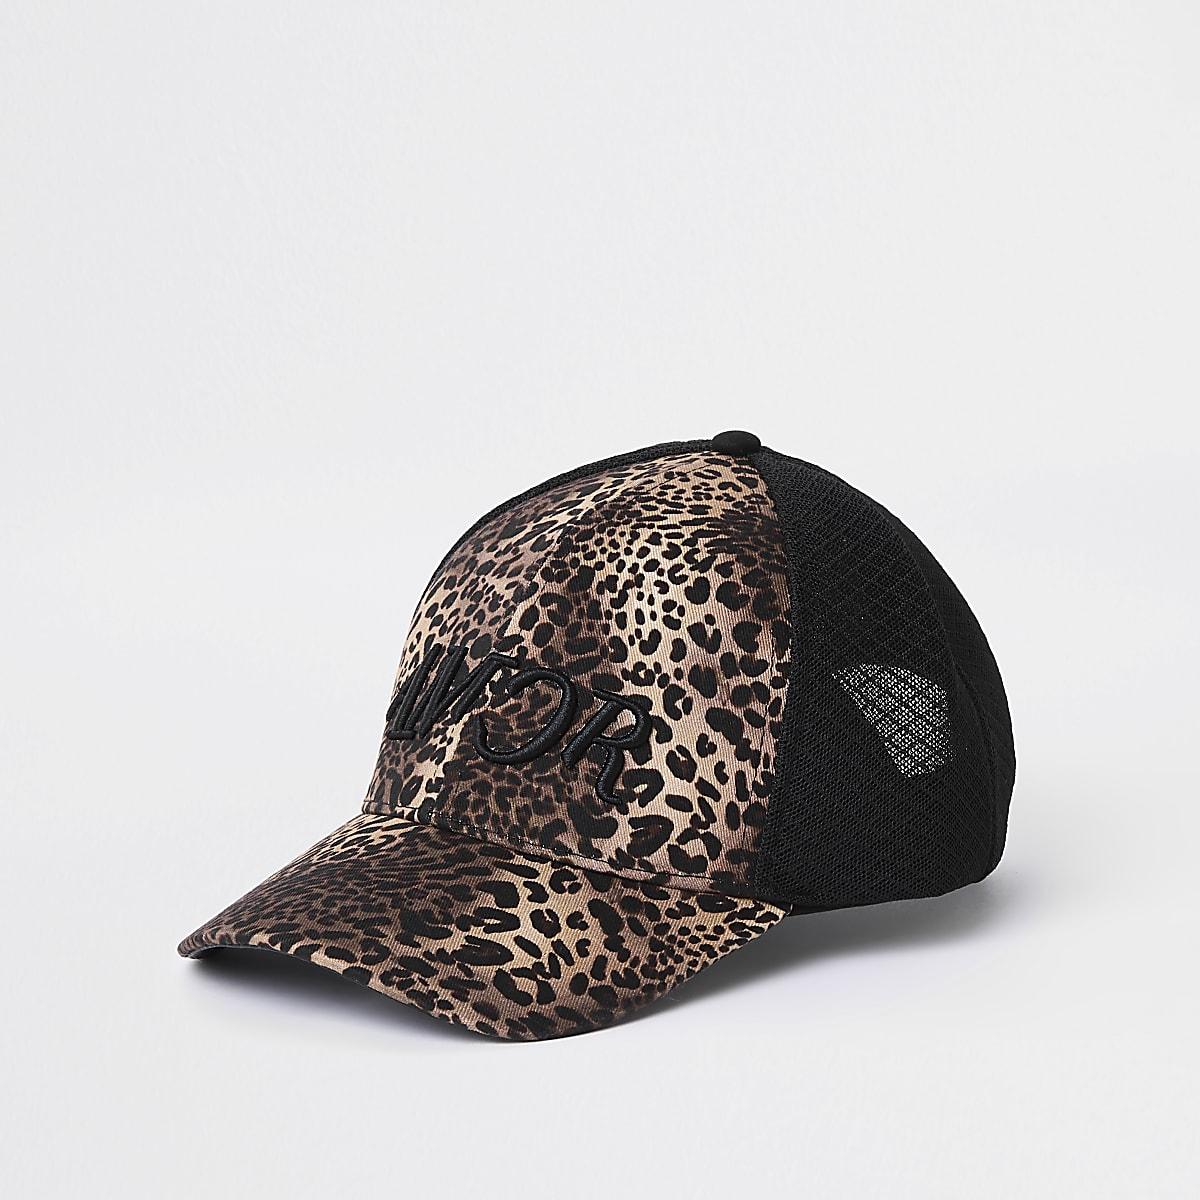 Casquette de baseball à imprimé léopard noir et tulle